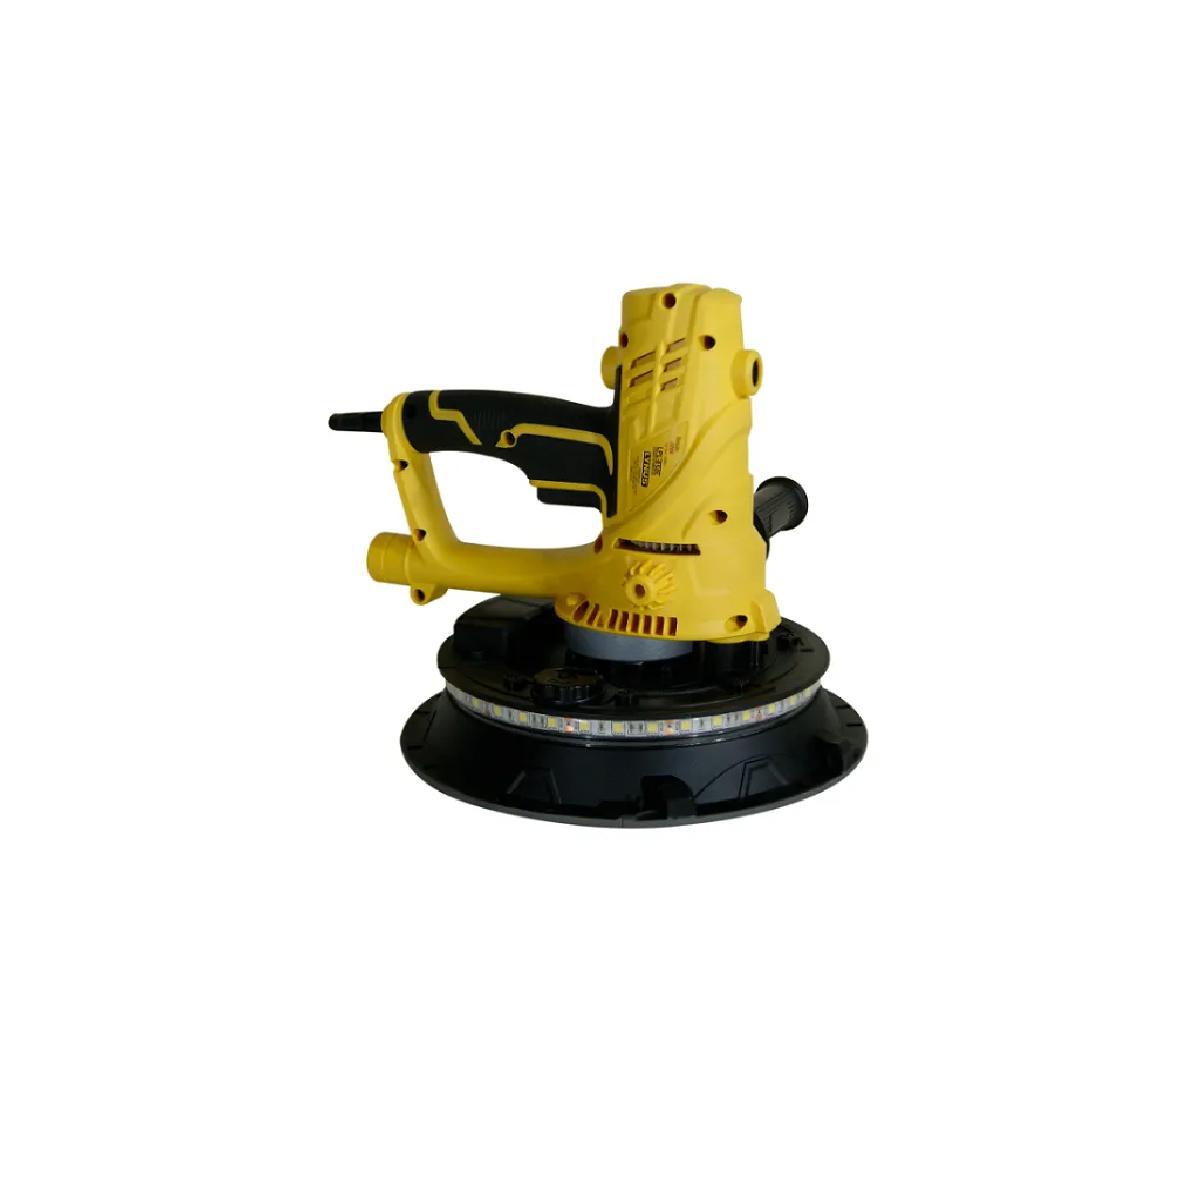 Lixadeira de Parede com LEd LPL 850 - Lynus